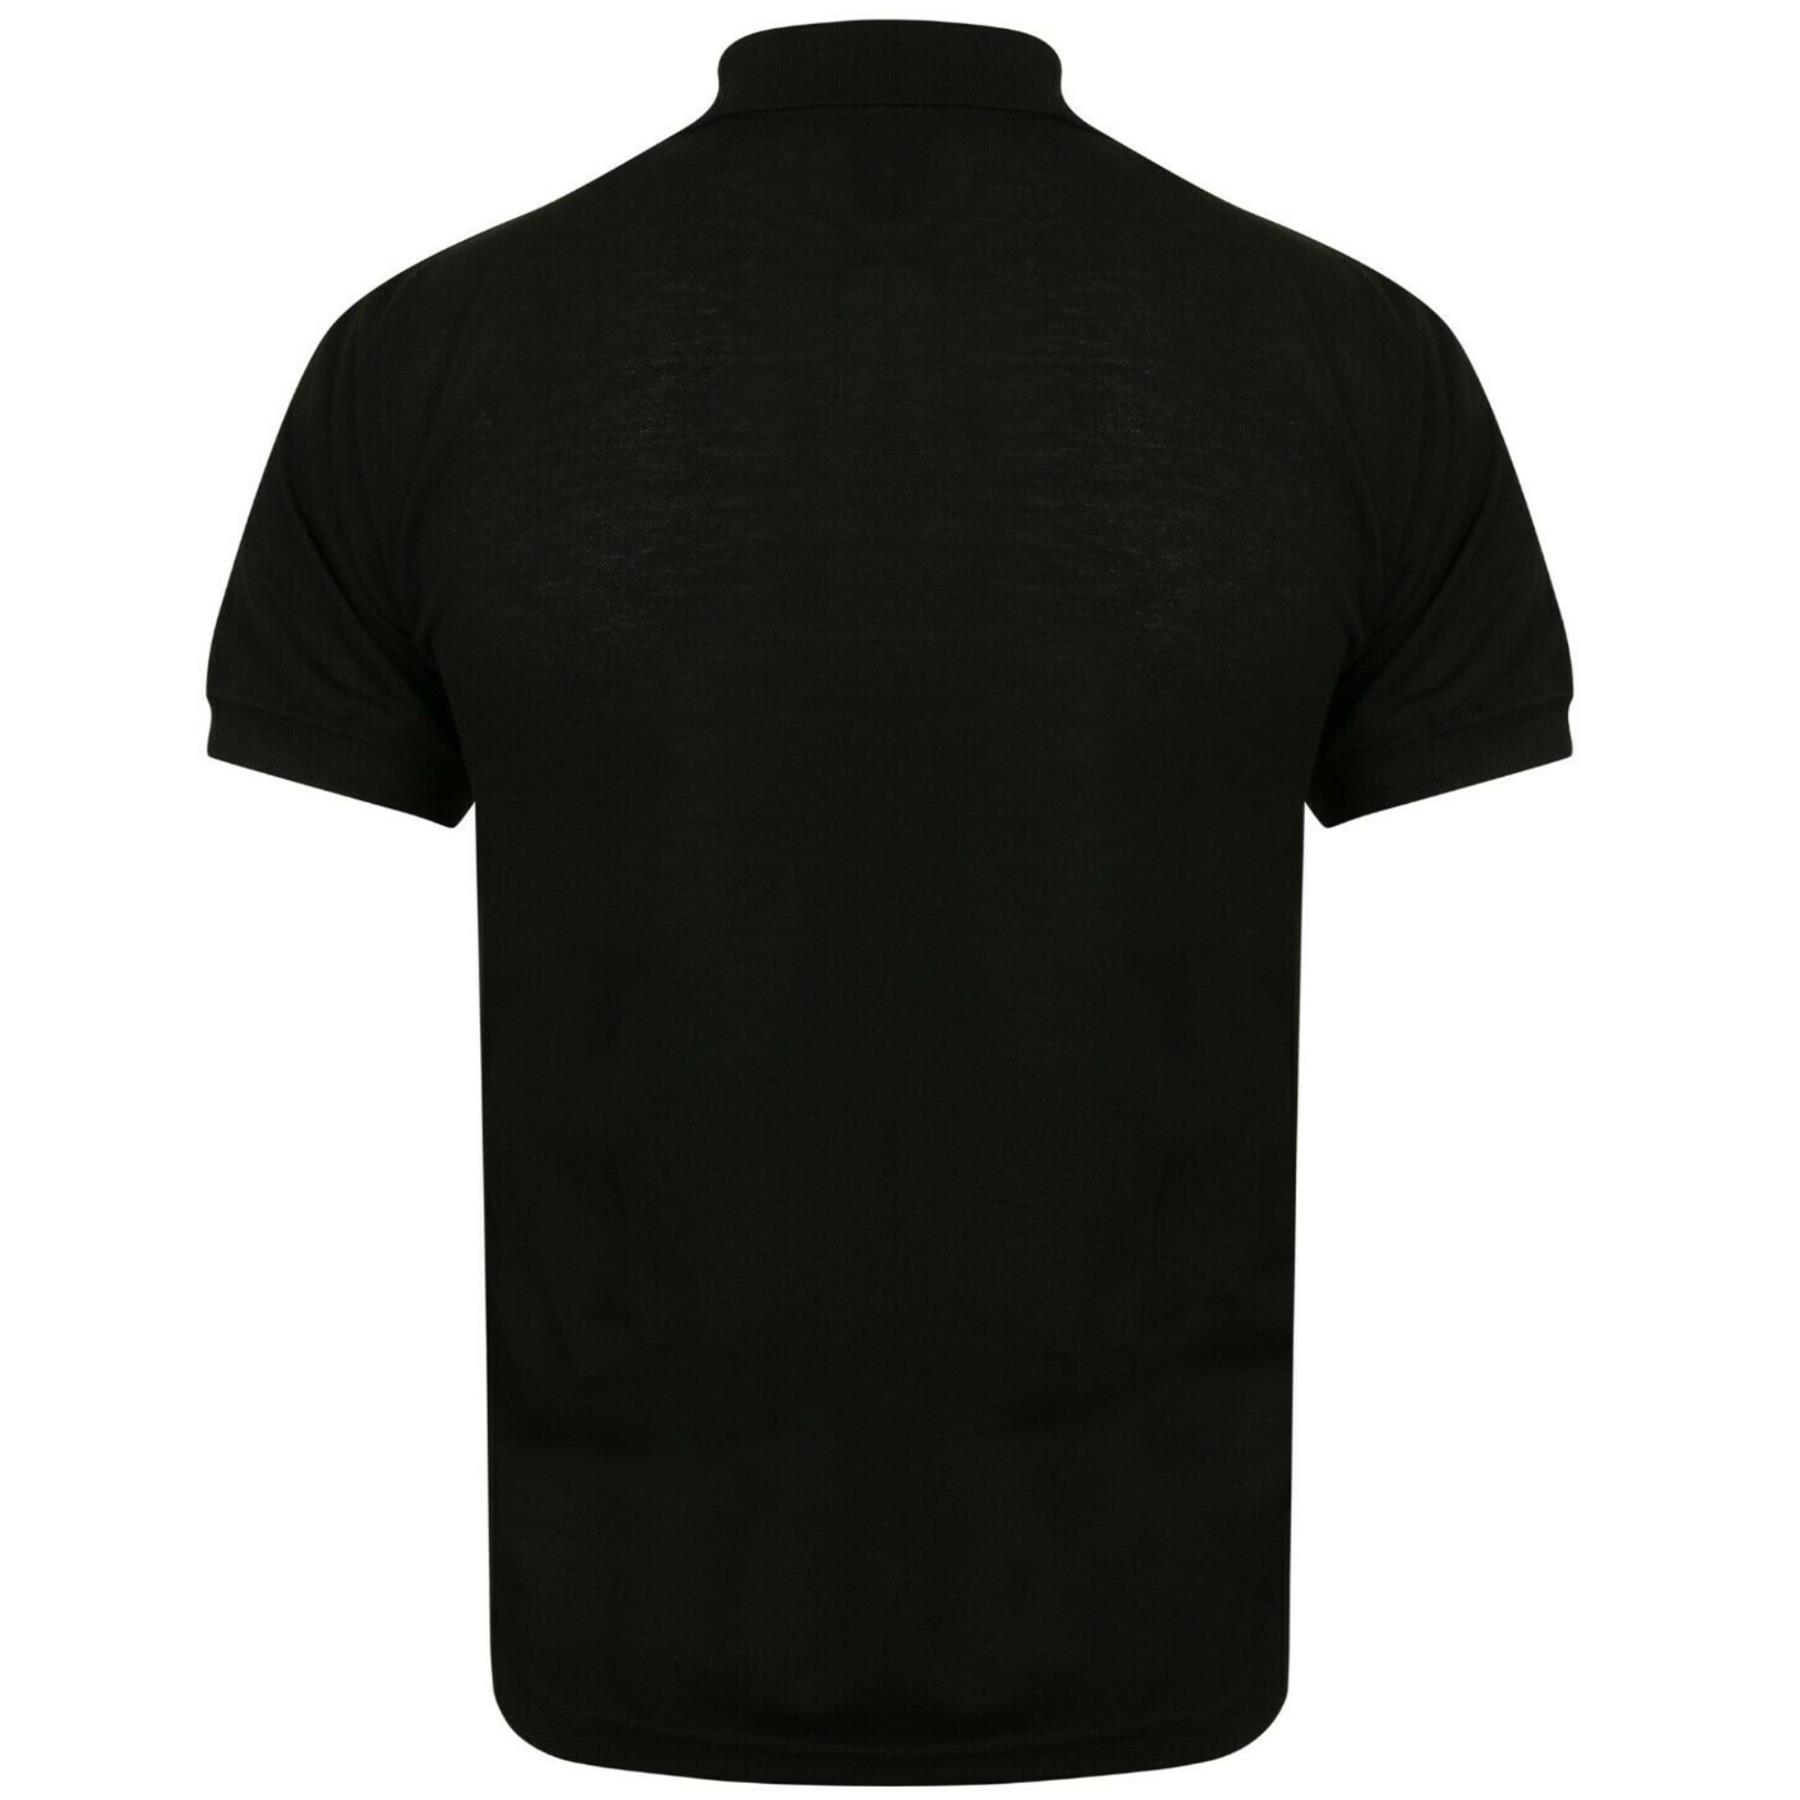 Indexbild 6 - Herren Polohemd Freizeit T-Shirts Neu Schlicht Kurzärmeliges Regular Fit